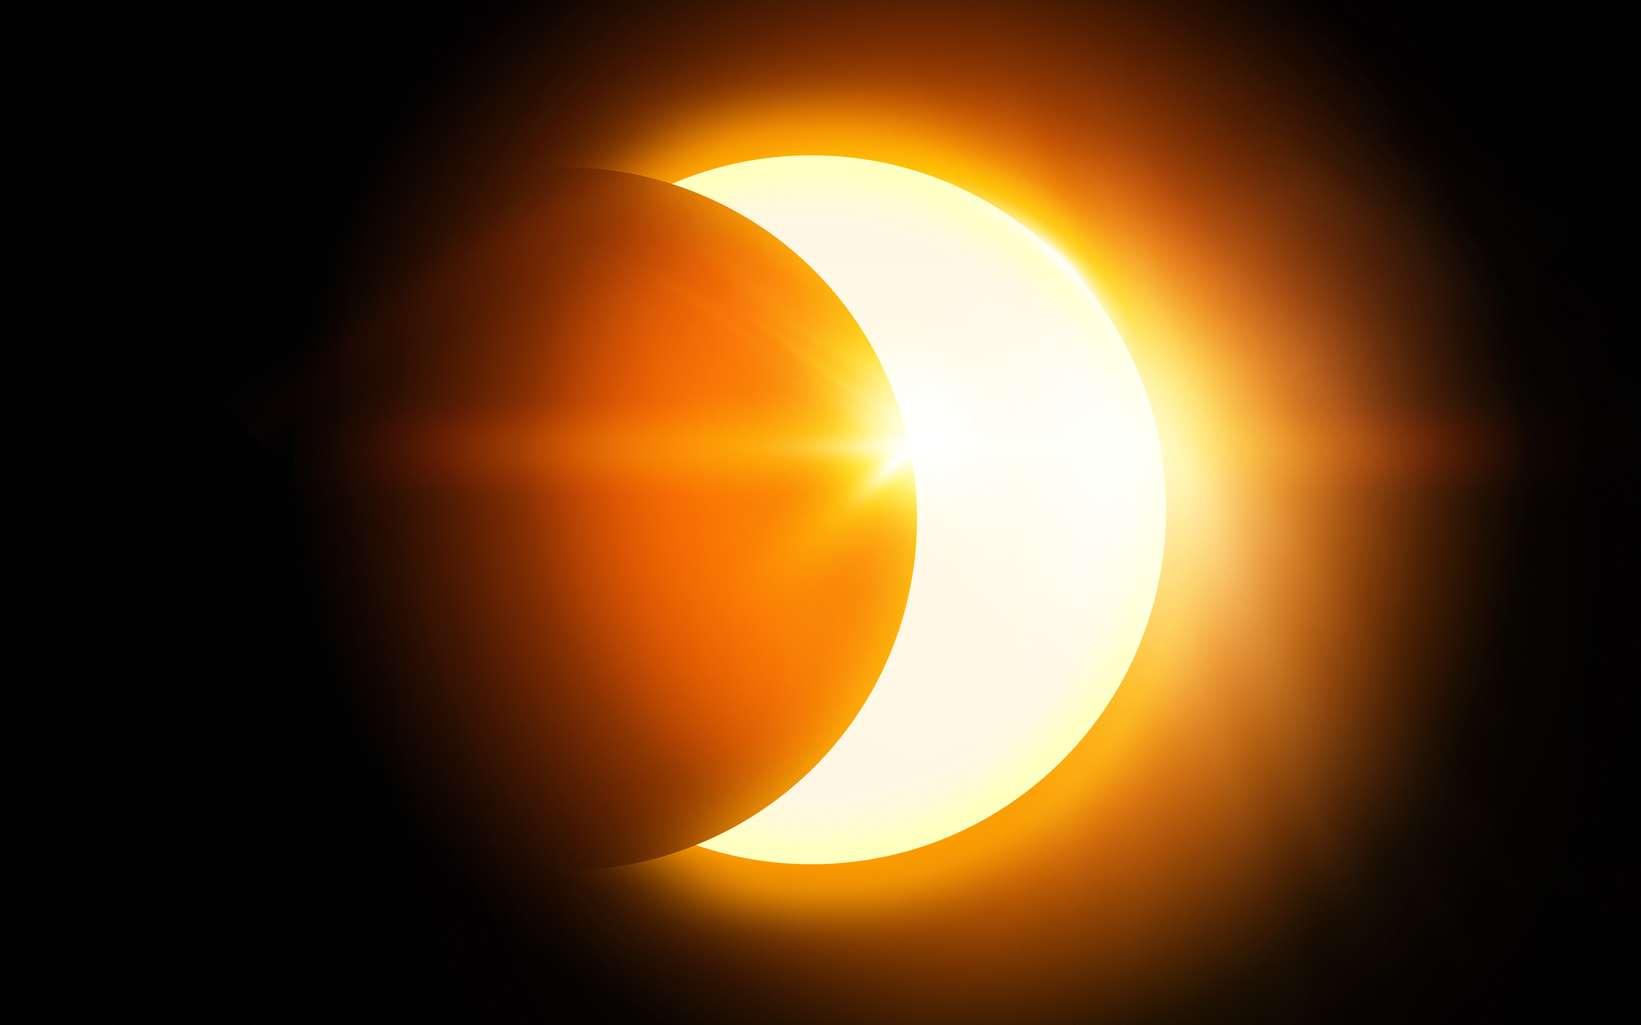 Sans lunette de protection, l'observation d'une éclipse de Soleil est vivement déconseillée car très dangereuses pour vos yeux. © James Thew, fotolia